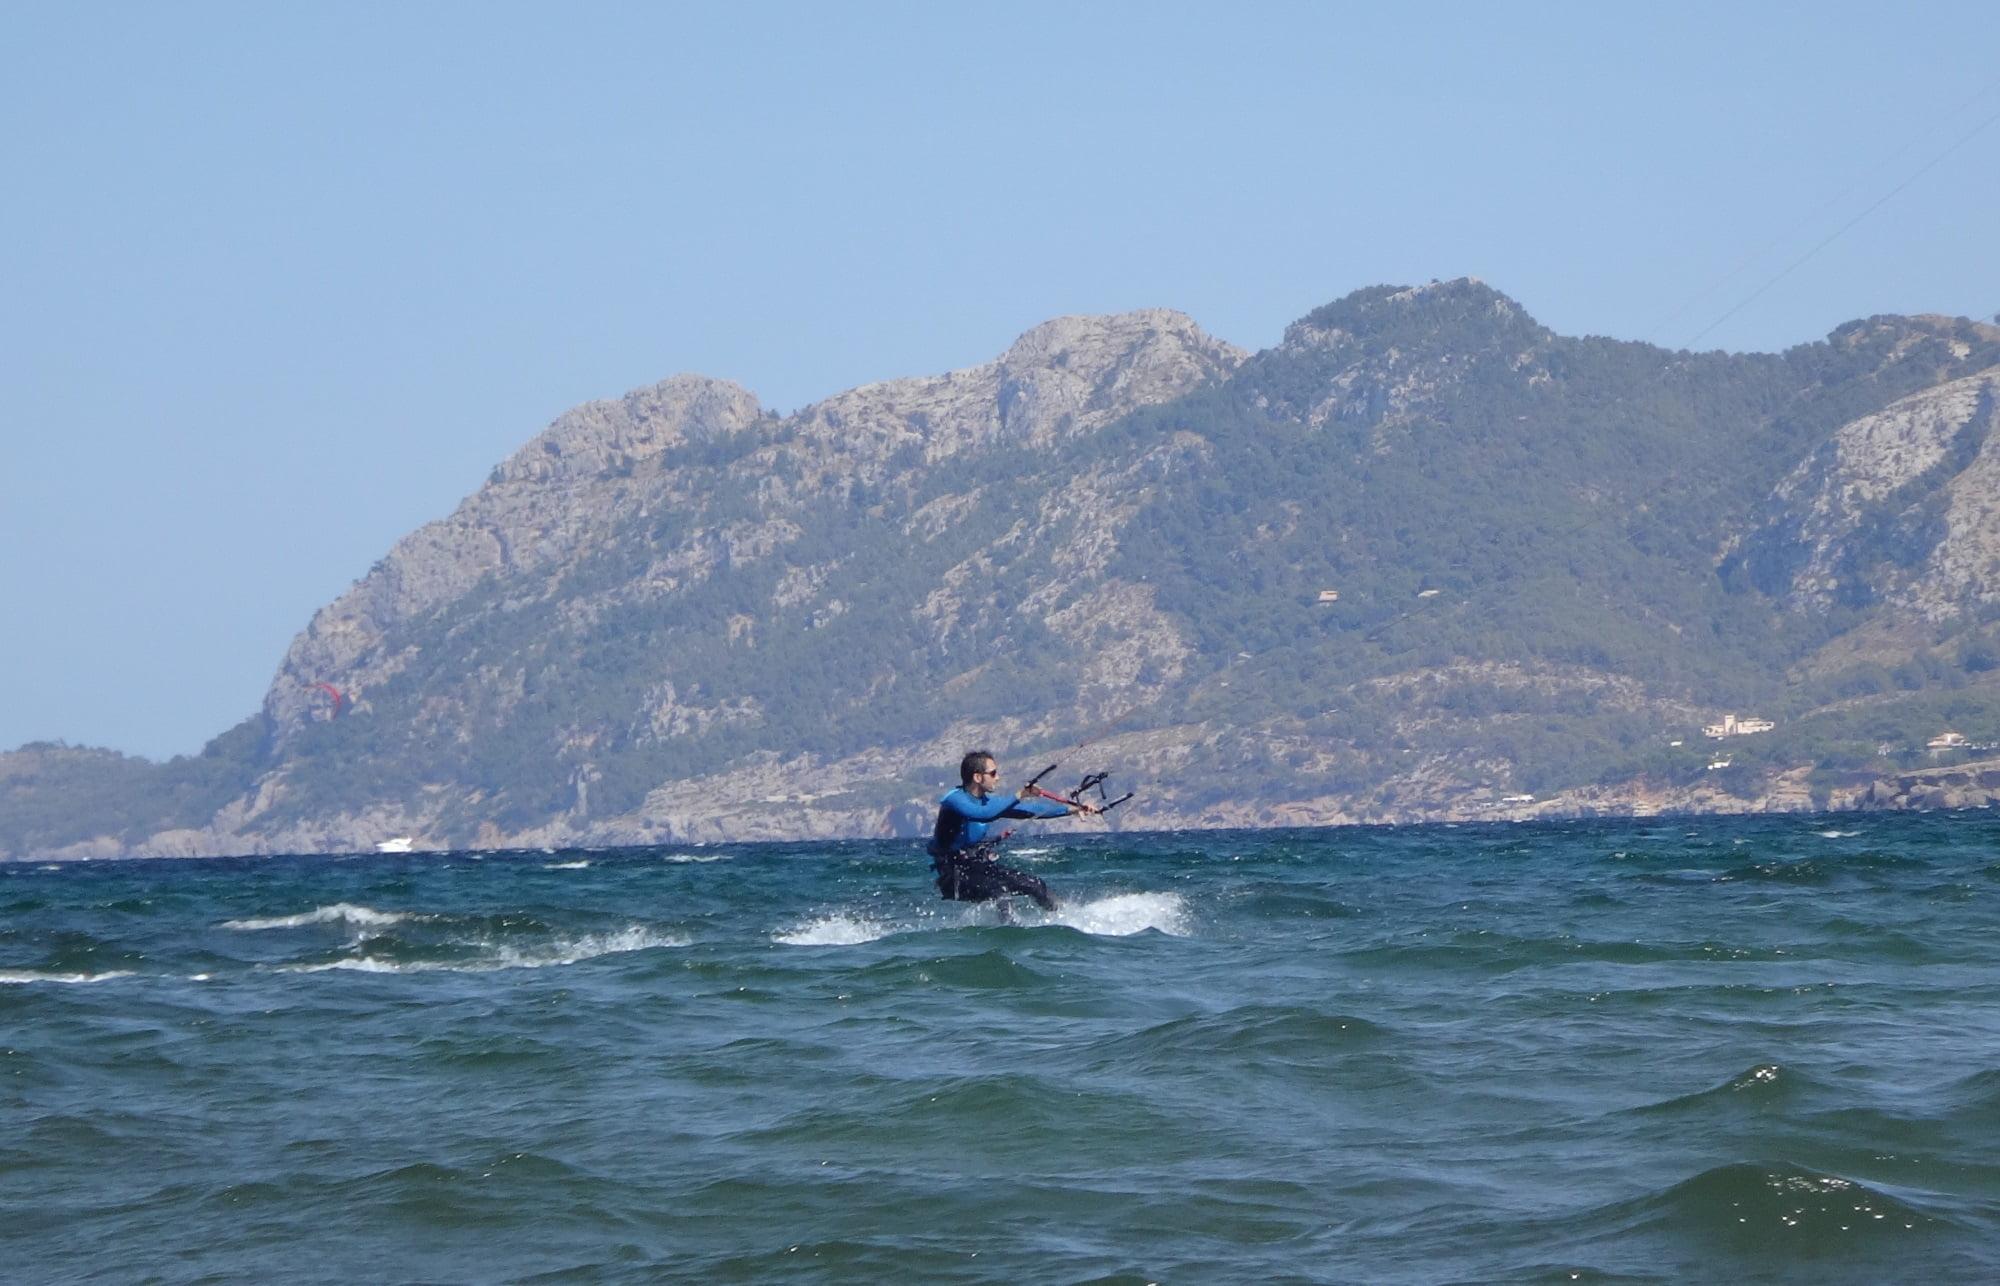 objetivos-y-viento-en-Mallorca-kite-school kitesurfingmallorca com